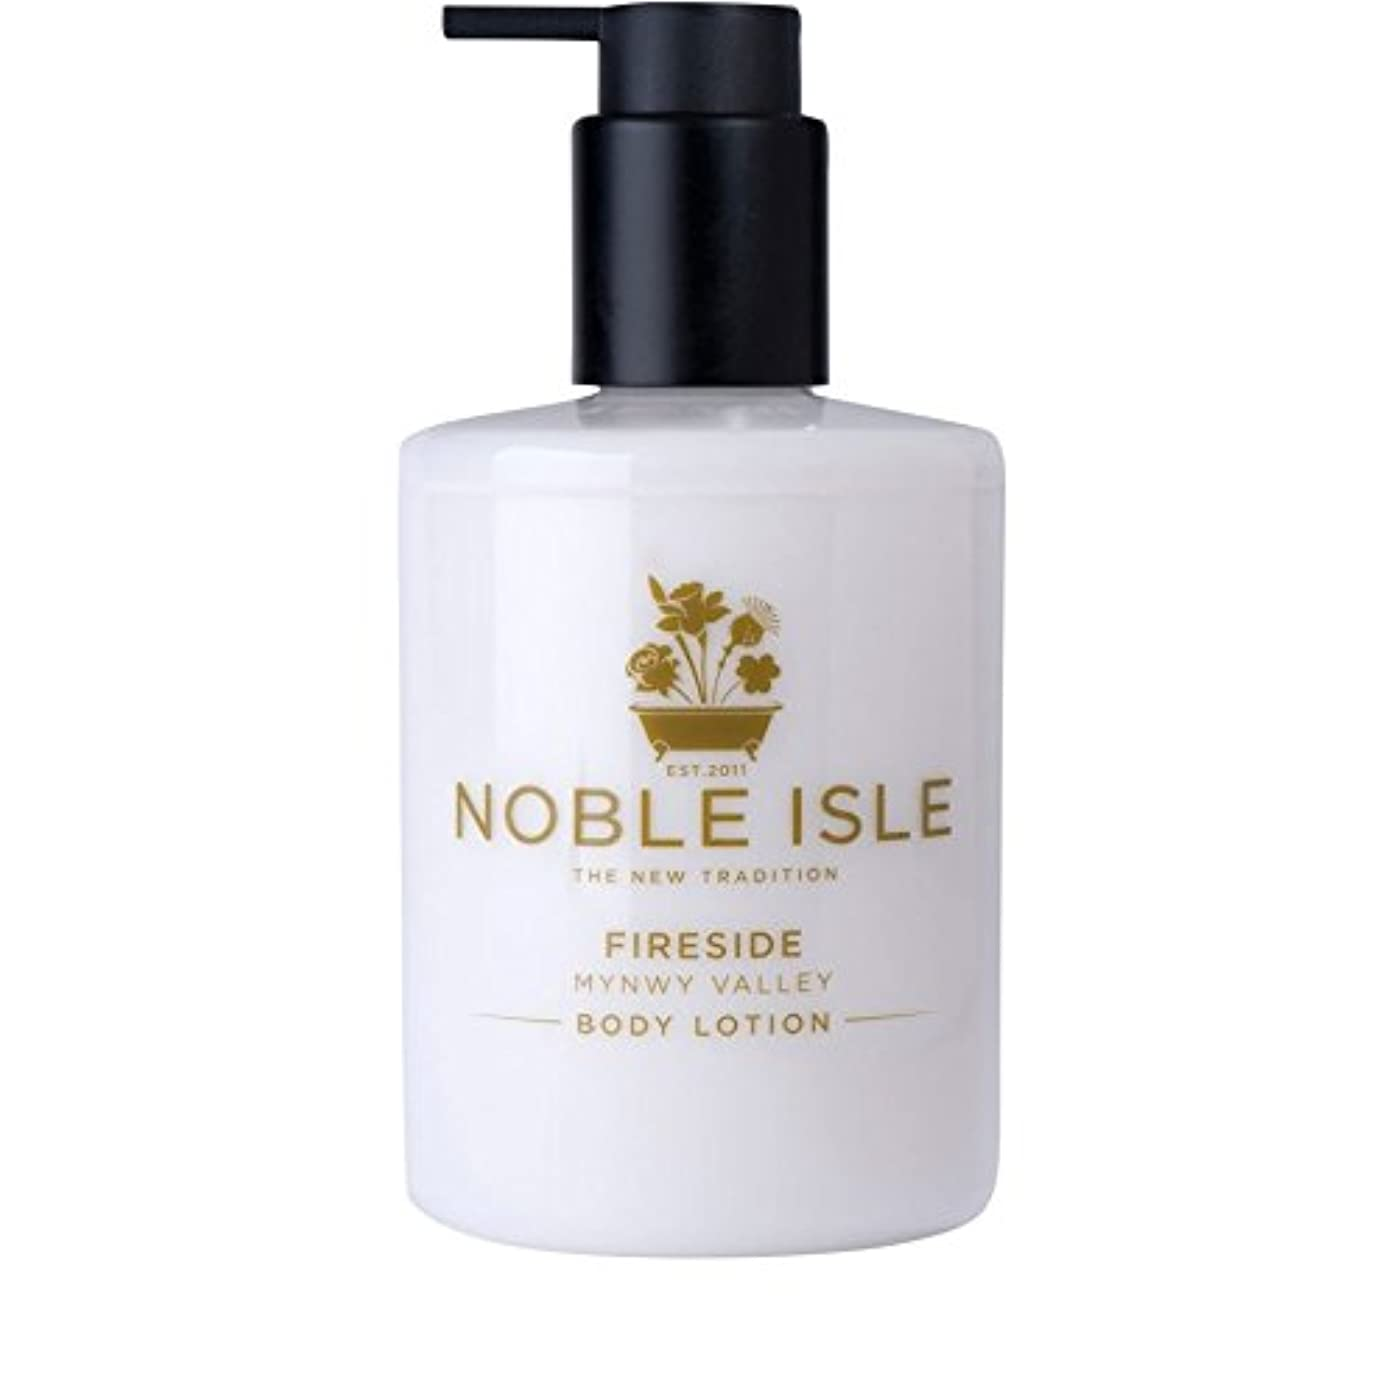 許可する倒錯トランスミッションNoble Isle Fireside Mynwy Valley Body Lotion 250ml (Pack of 6) - 高貴な島炉端谷のボディローション250ミリリットル x6 [並行輸入品]